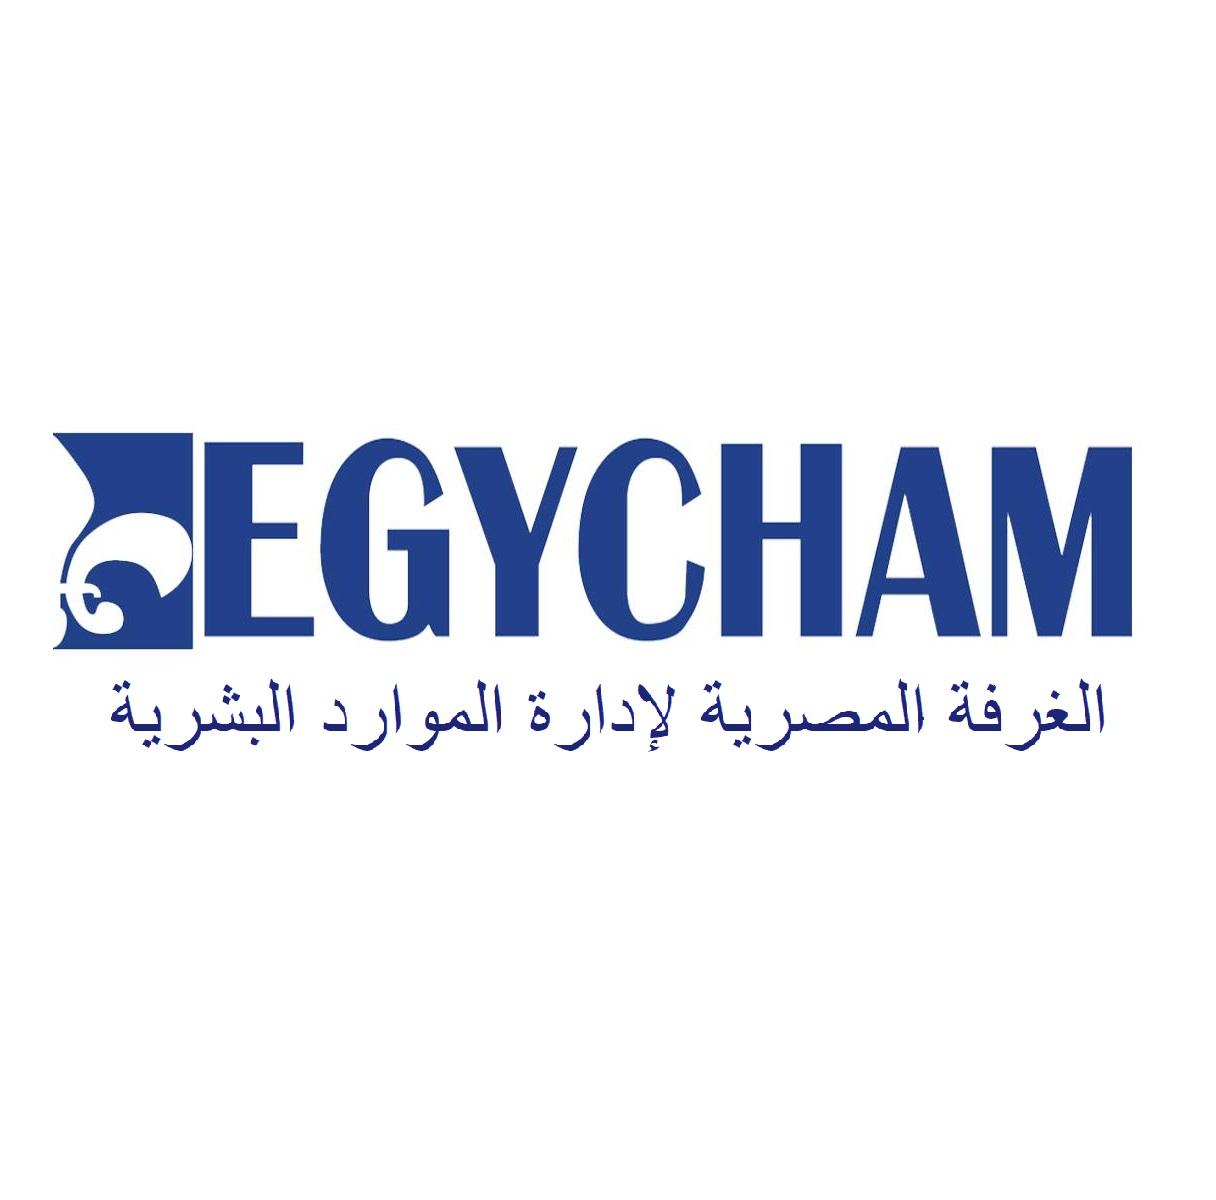 EgyCham